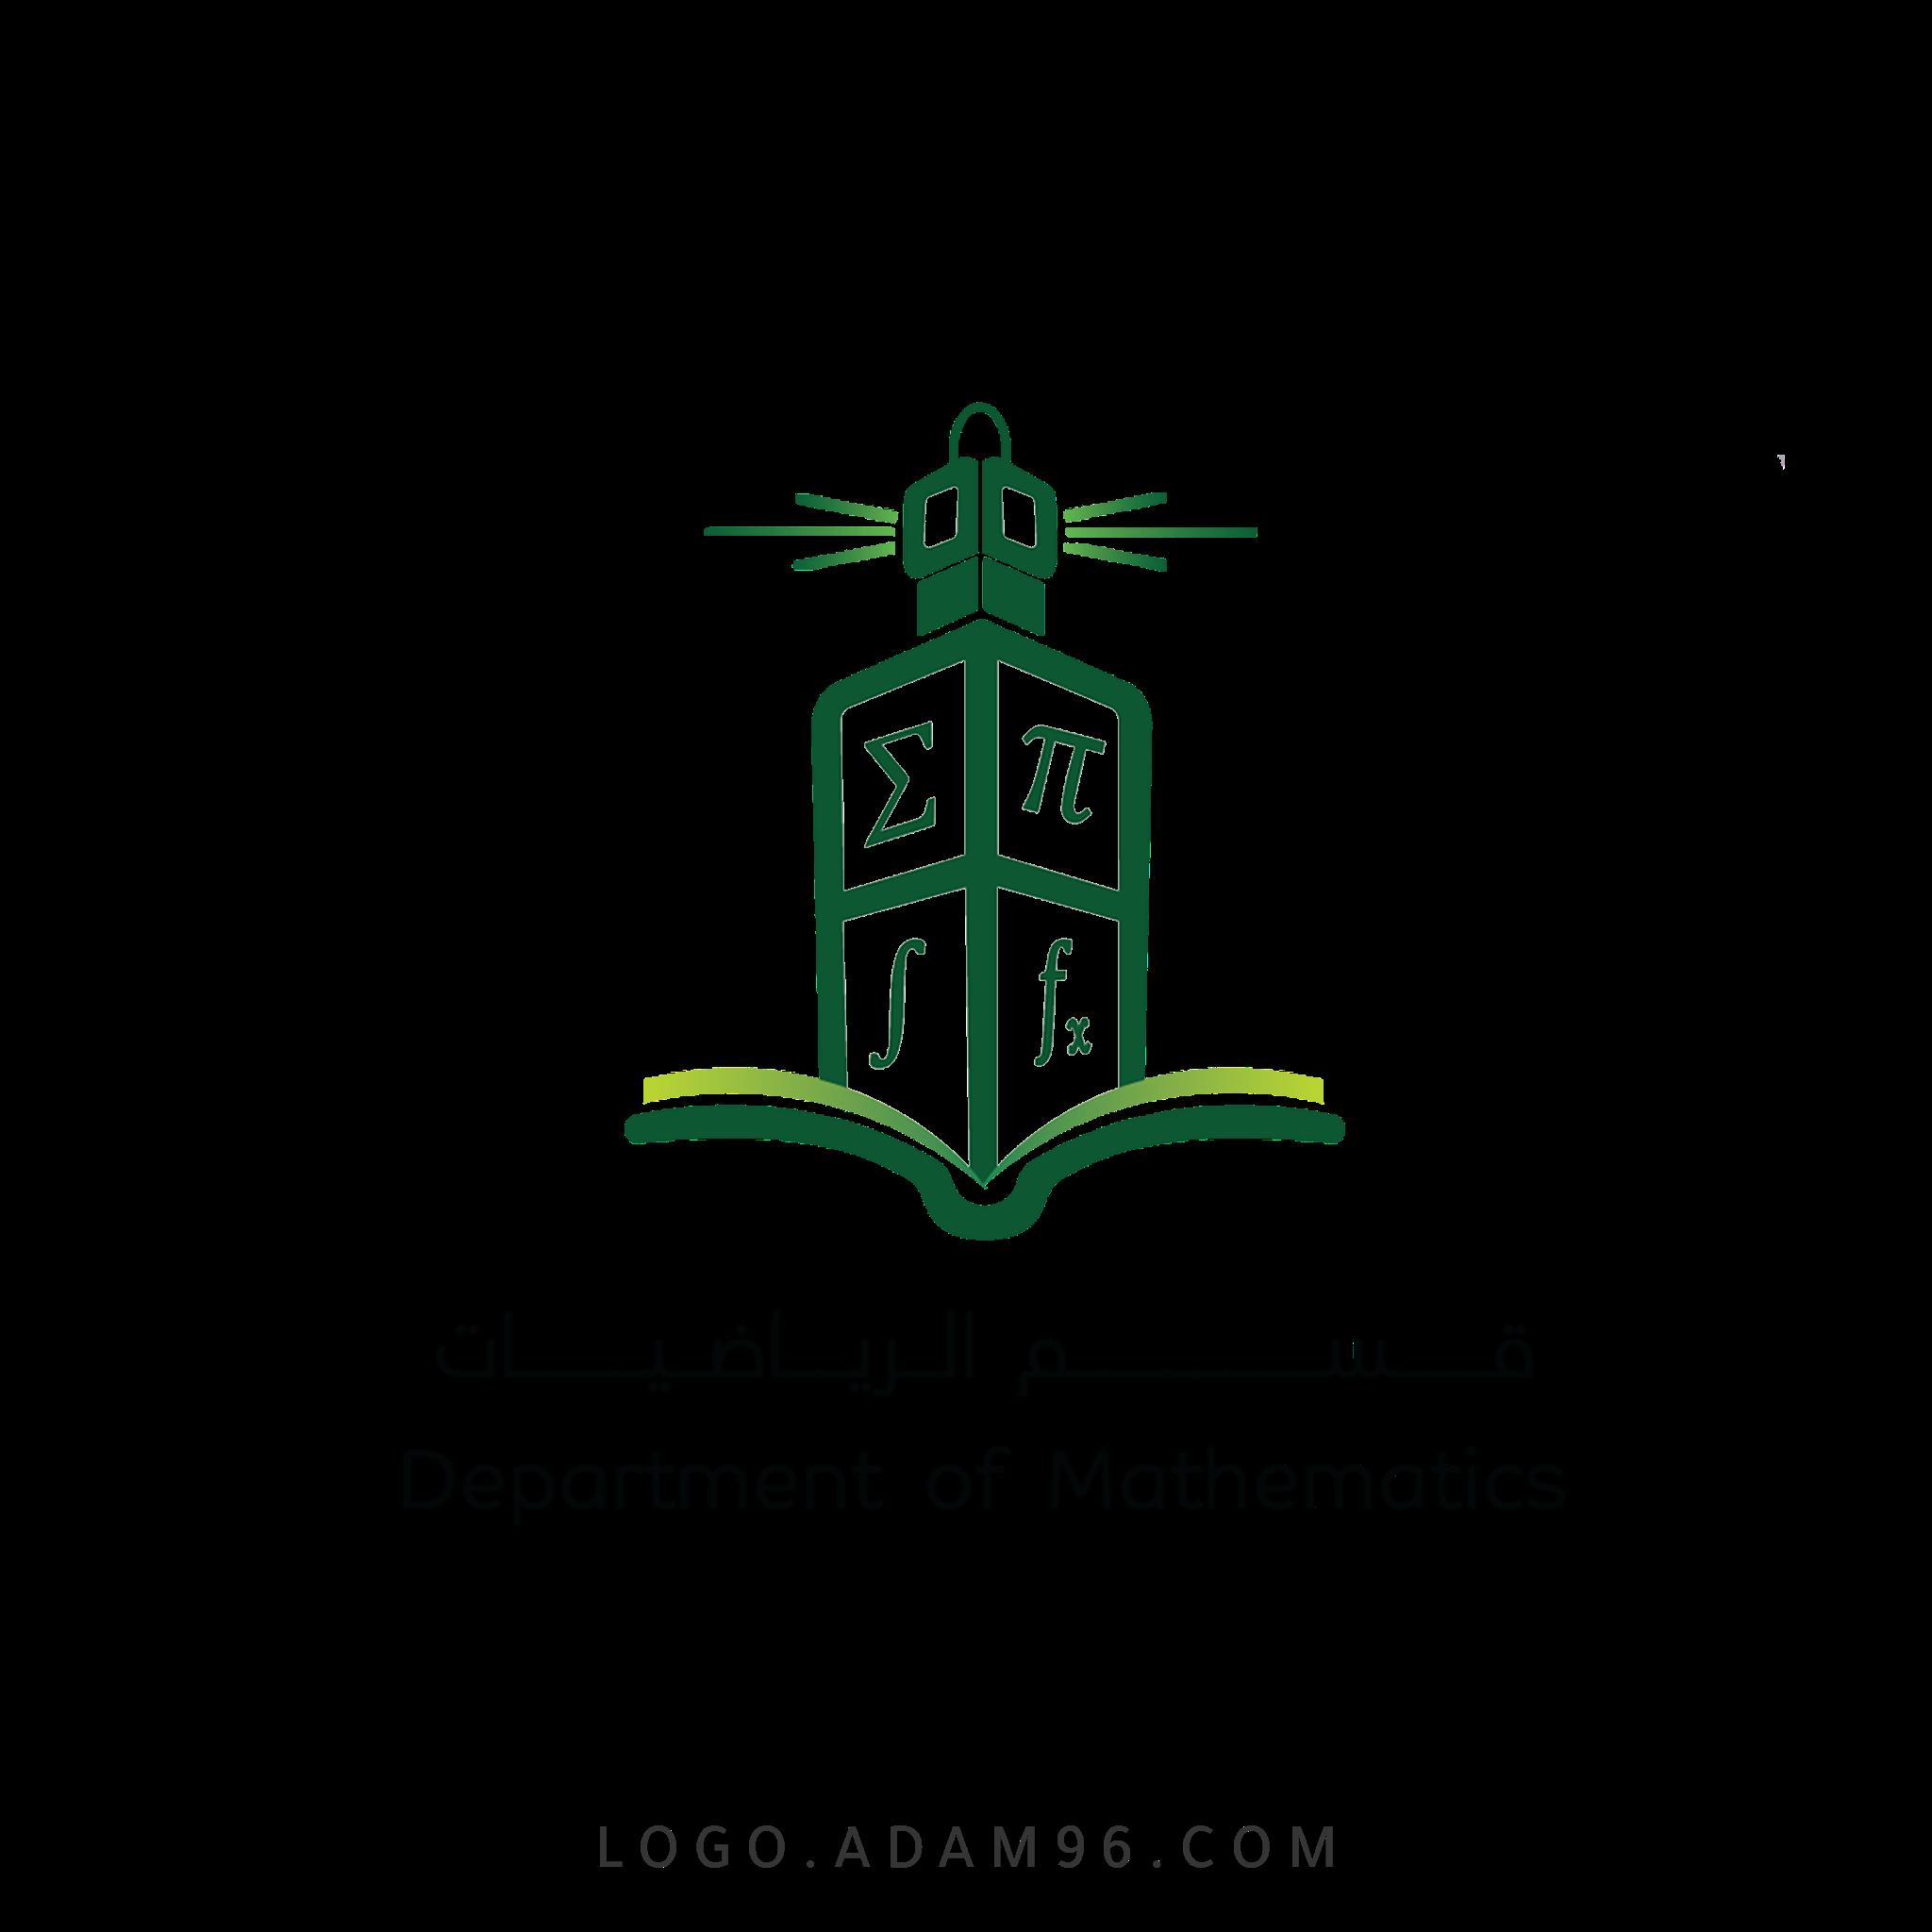 تحميل شعار جامعة الملك عبدالعزيز قسم الرياضات لوجو رسمي عالي الجودة Png